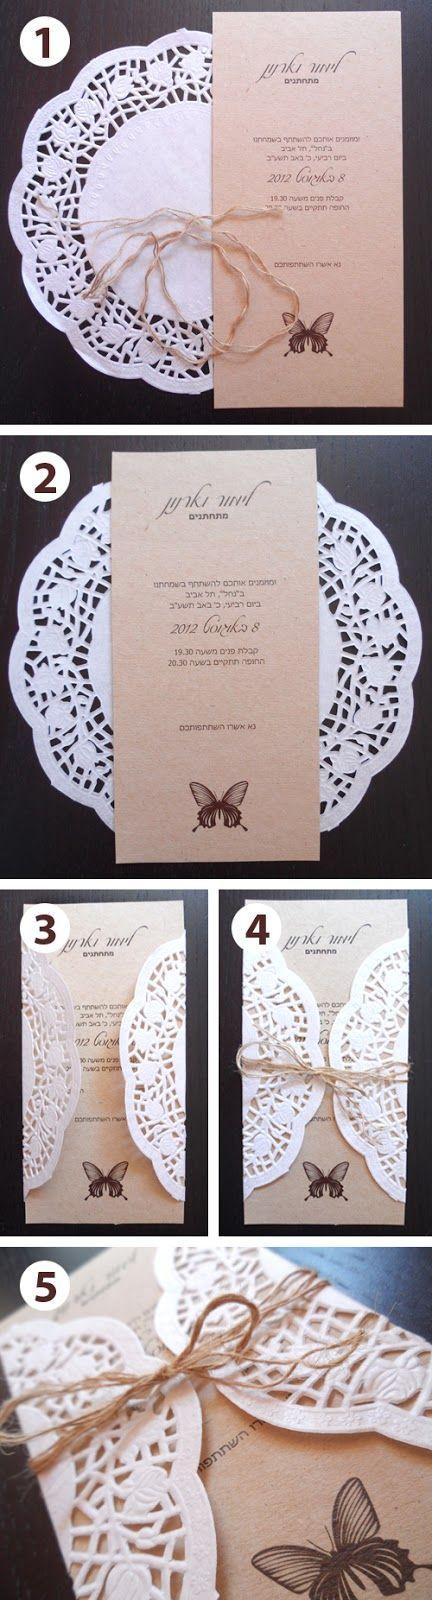 Las blondas o doilies son perfectas para dar el toque romántico a todas las invitaciones para bodas rústicas y aqui hay un paso a paso muy simple para lograrlo.